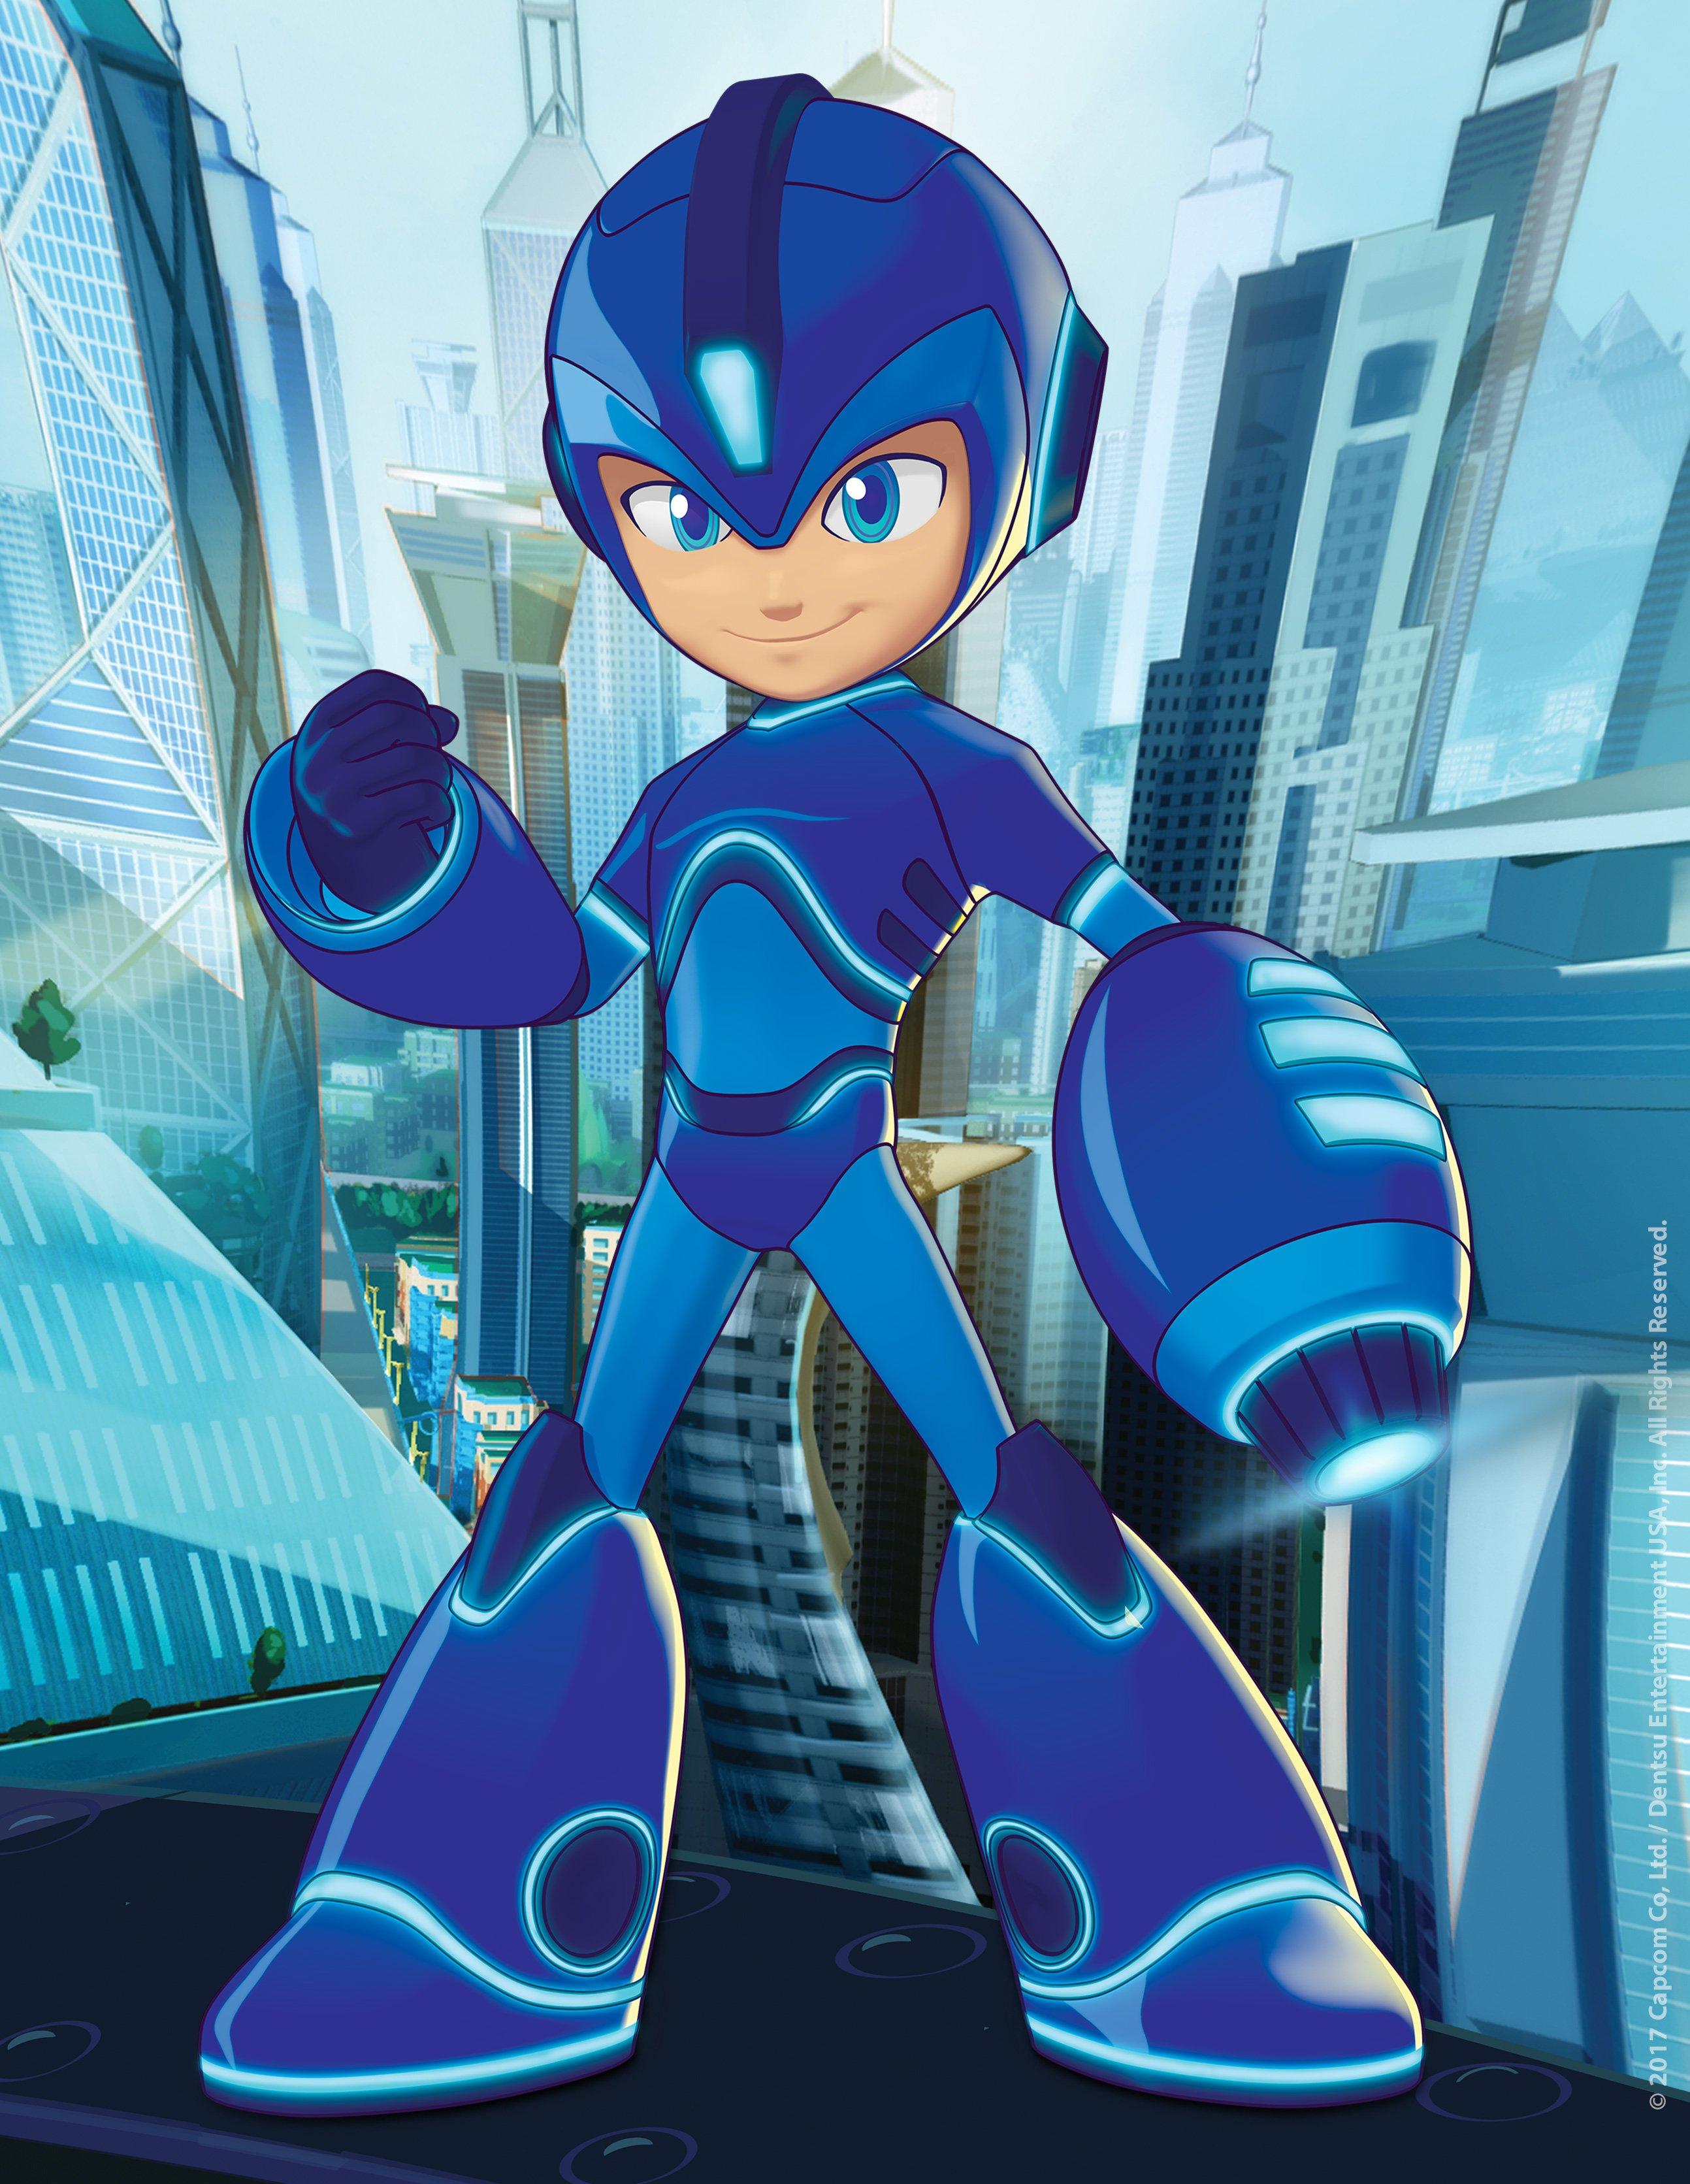 mega-man-luce-diferente-la-nueva-imagen-serie-animada-frikigamers.com